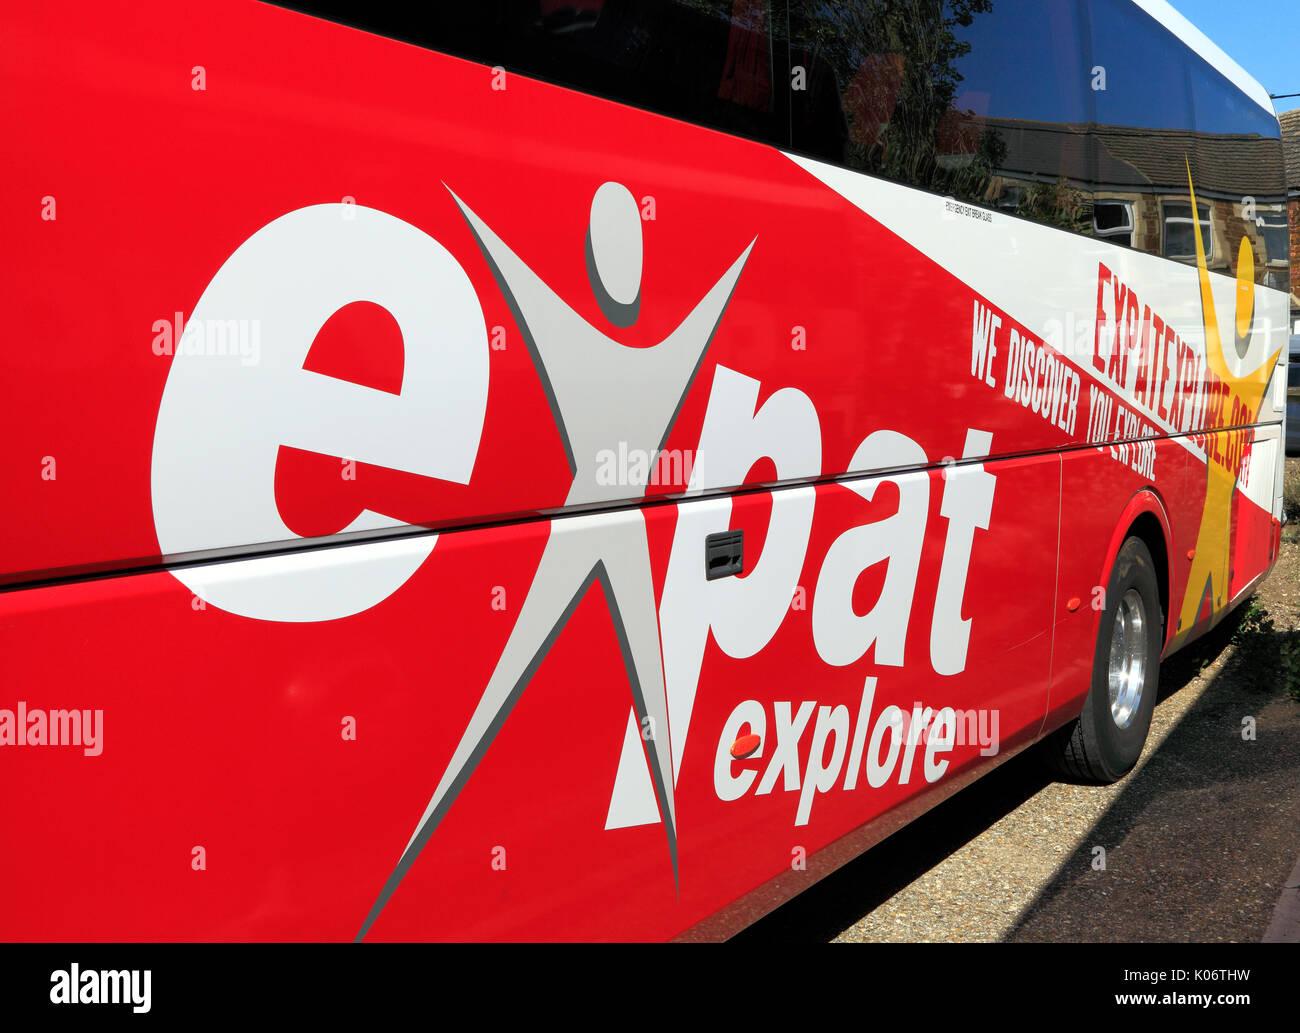 Billet d'explorer, d'entraîneurs, coach, Voyage, excursion, excursions, excursion, excursions, voyages, entreprises, transports, vacances, England, UK Photo Stock